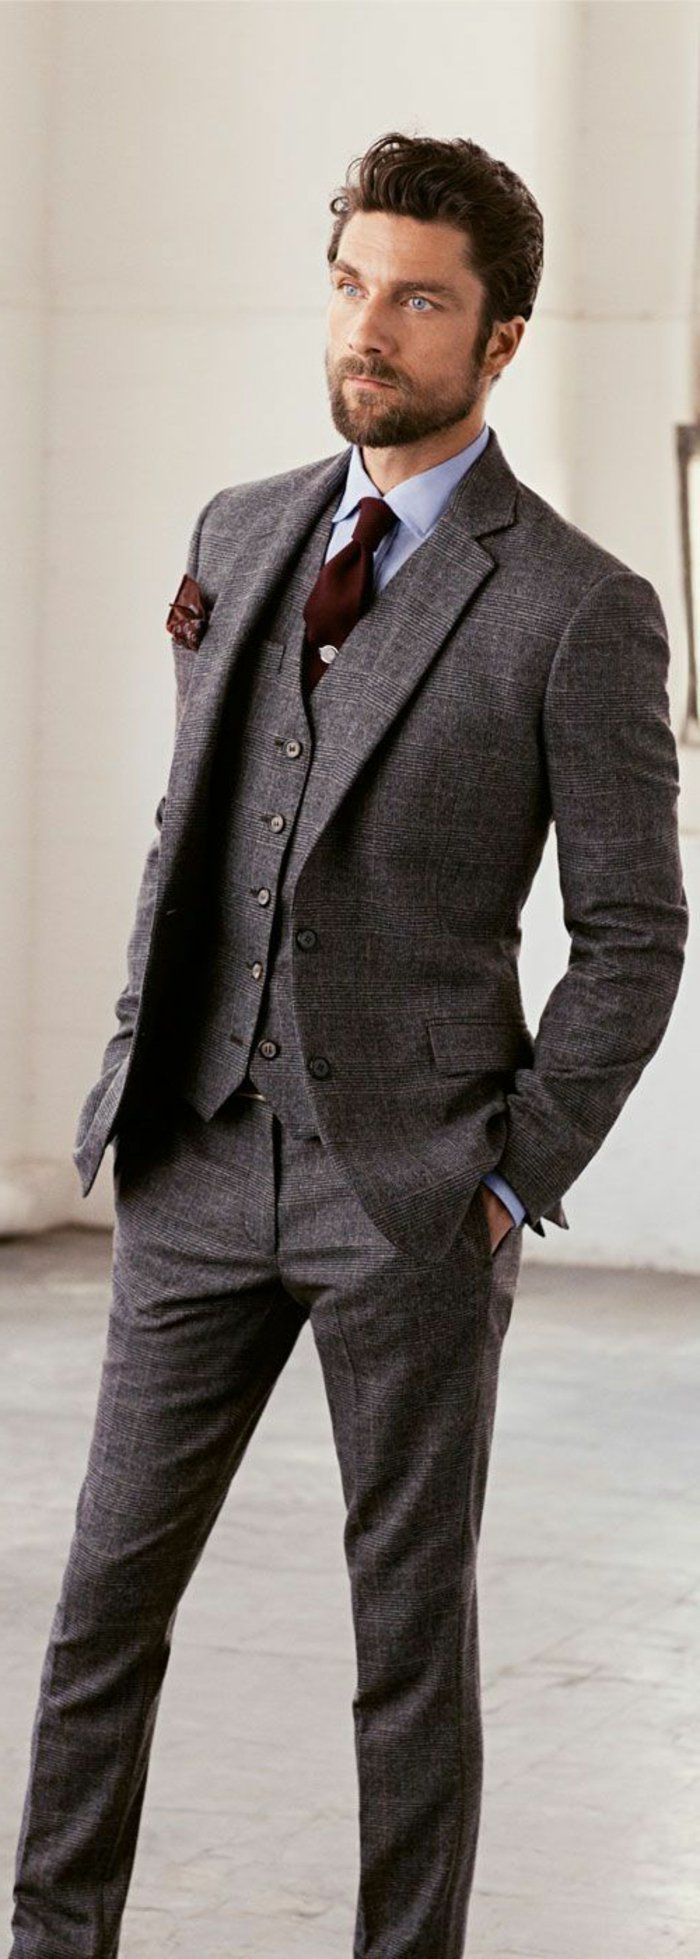 costume gris anthracite pour les hommes modernes et chic - Costume Gris Anthracite Mariage